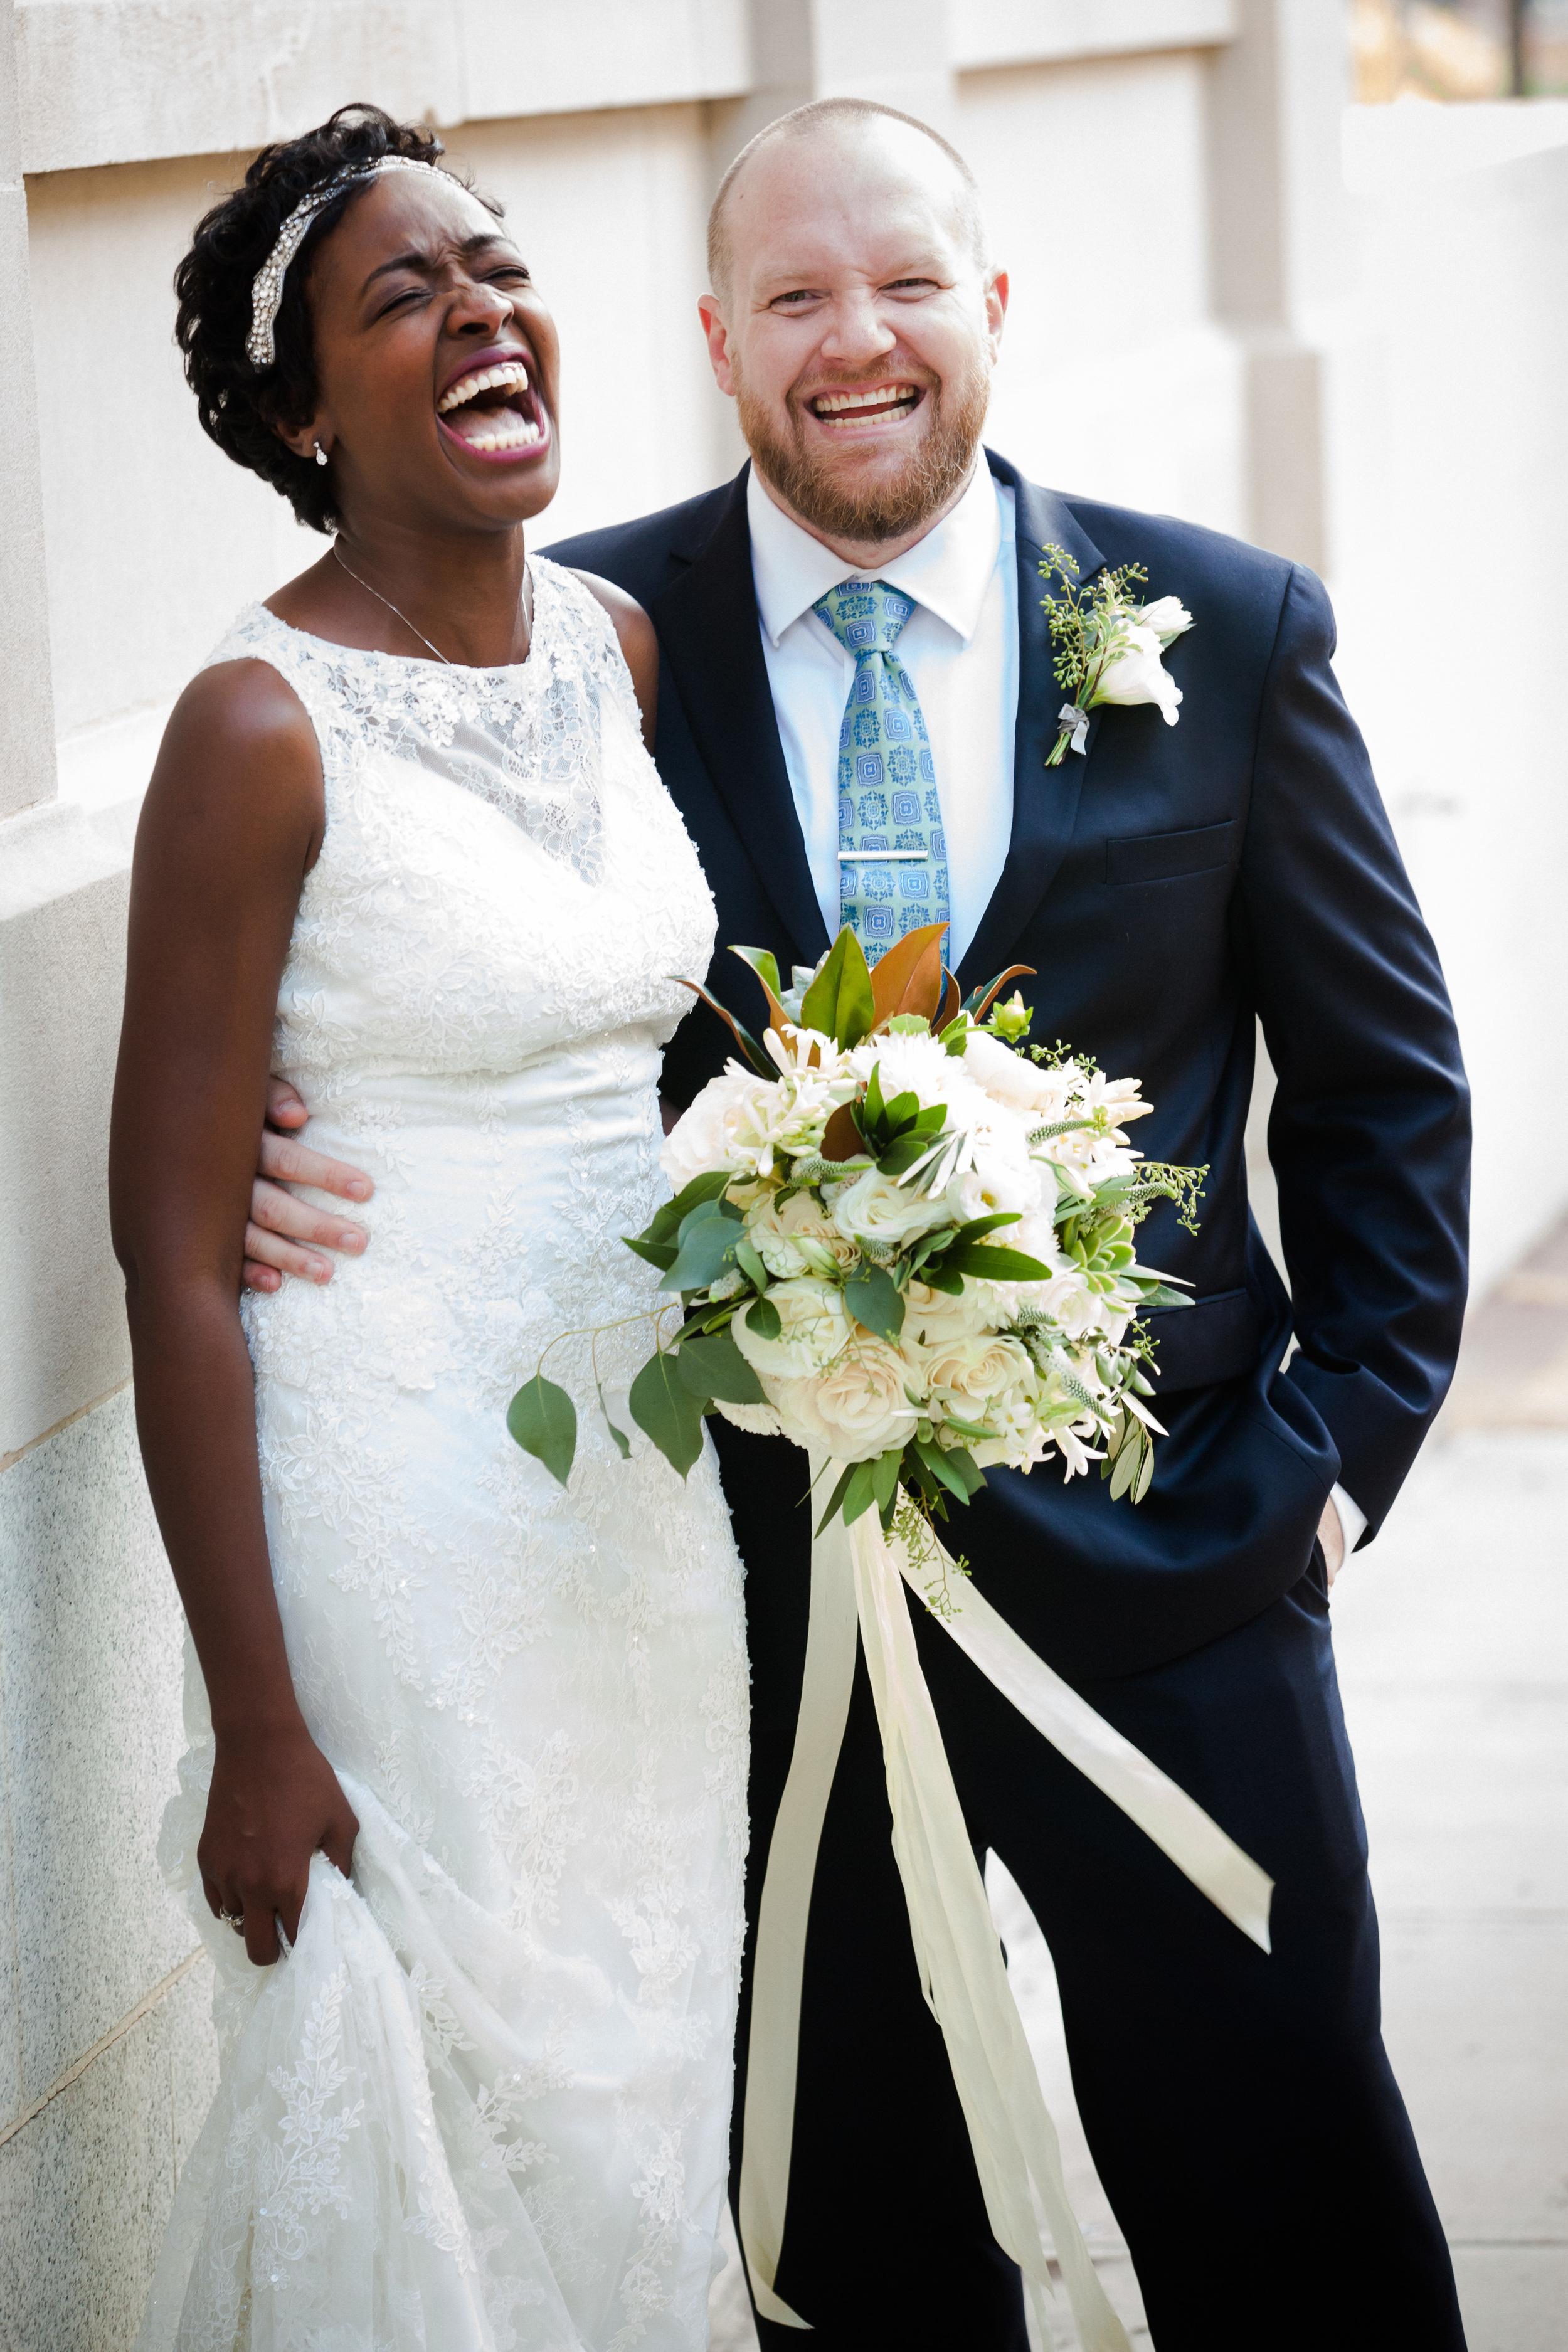 ashley_john-wedding-080815-341.jpg